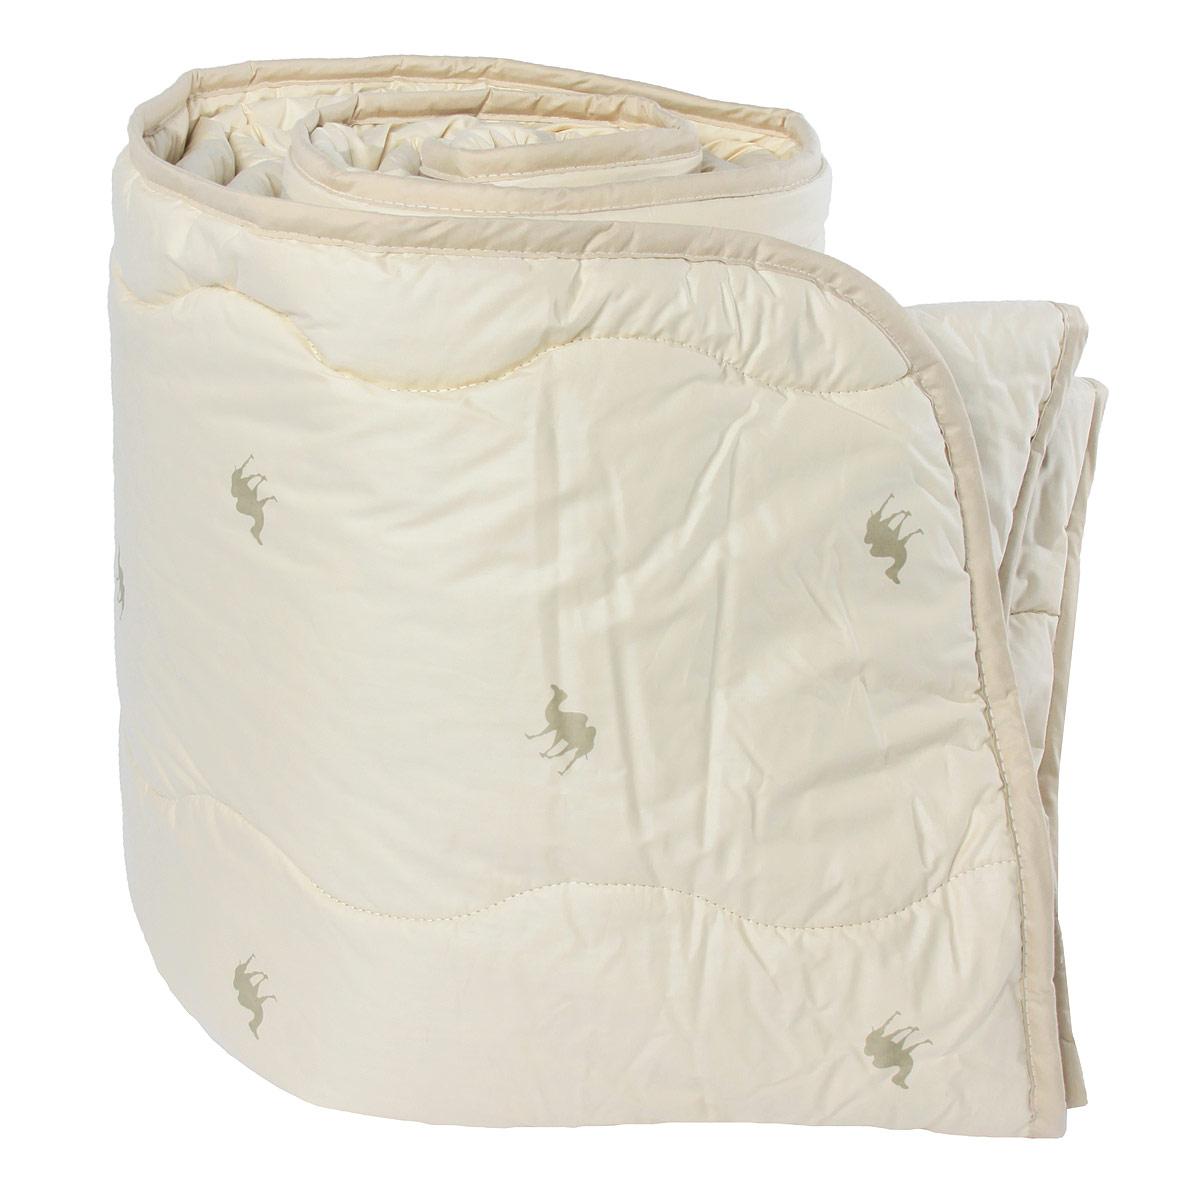 Одеяло Verossa, наполнитель: верблюжья шерсть, 200 х 220 см157822Одеяло Verossa обеспечит вам здоровый сон и комфорт.Для изготовления одеяла в качестве наполнителя используется натуральная верблюжья шерсть. Верблюжья шерсть обладает высокой гигроскопичностью, создавая эффект сухого тепла. Волокно верблюжьей шерсти полые внутри, образуют пласт, содержащий множество воздушных кармашков, которые равномерно сохраняют и распределяют тепло, обеспечивая естественную терморегуляцию в жару и холод. Верблюжья шерсть обладает рядом уникальных лечебных свойств, благодаря которым расширяются сосуды, усиливается микроциркуляция крови. Шерсть снимает статическое напряжение, благоприятно воздействует на оппорно-двигательный аппарат.Одеяло упаковано в прозрачный пластиковый чехол на змейке с ручкой, что является чрезвычайно удобным при переноске. Характеристики: Материал чехла: 100% хлопок. Наполнитель: 100% верблюжья шерсть. Масса наполнителя: 300 г/м2. Размер одеяла: 200 см х 220 см. Артикул: 170584.